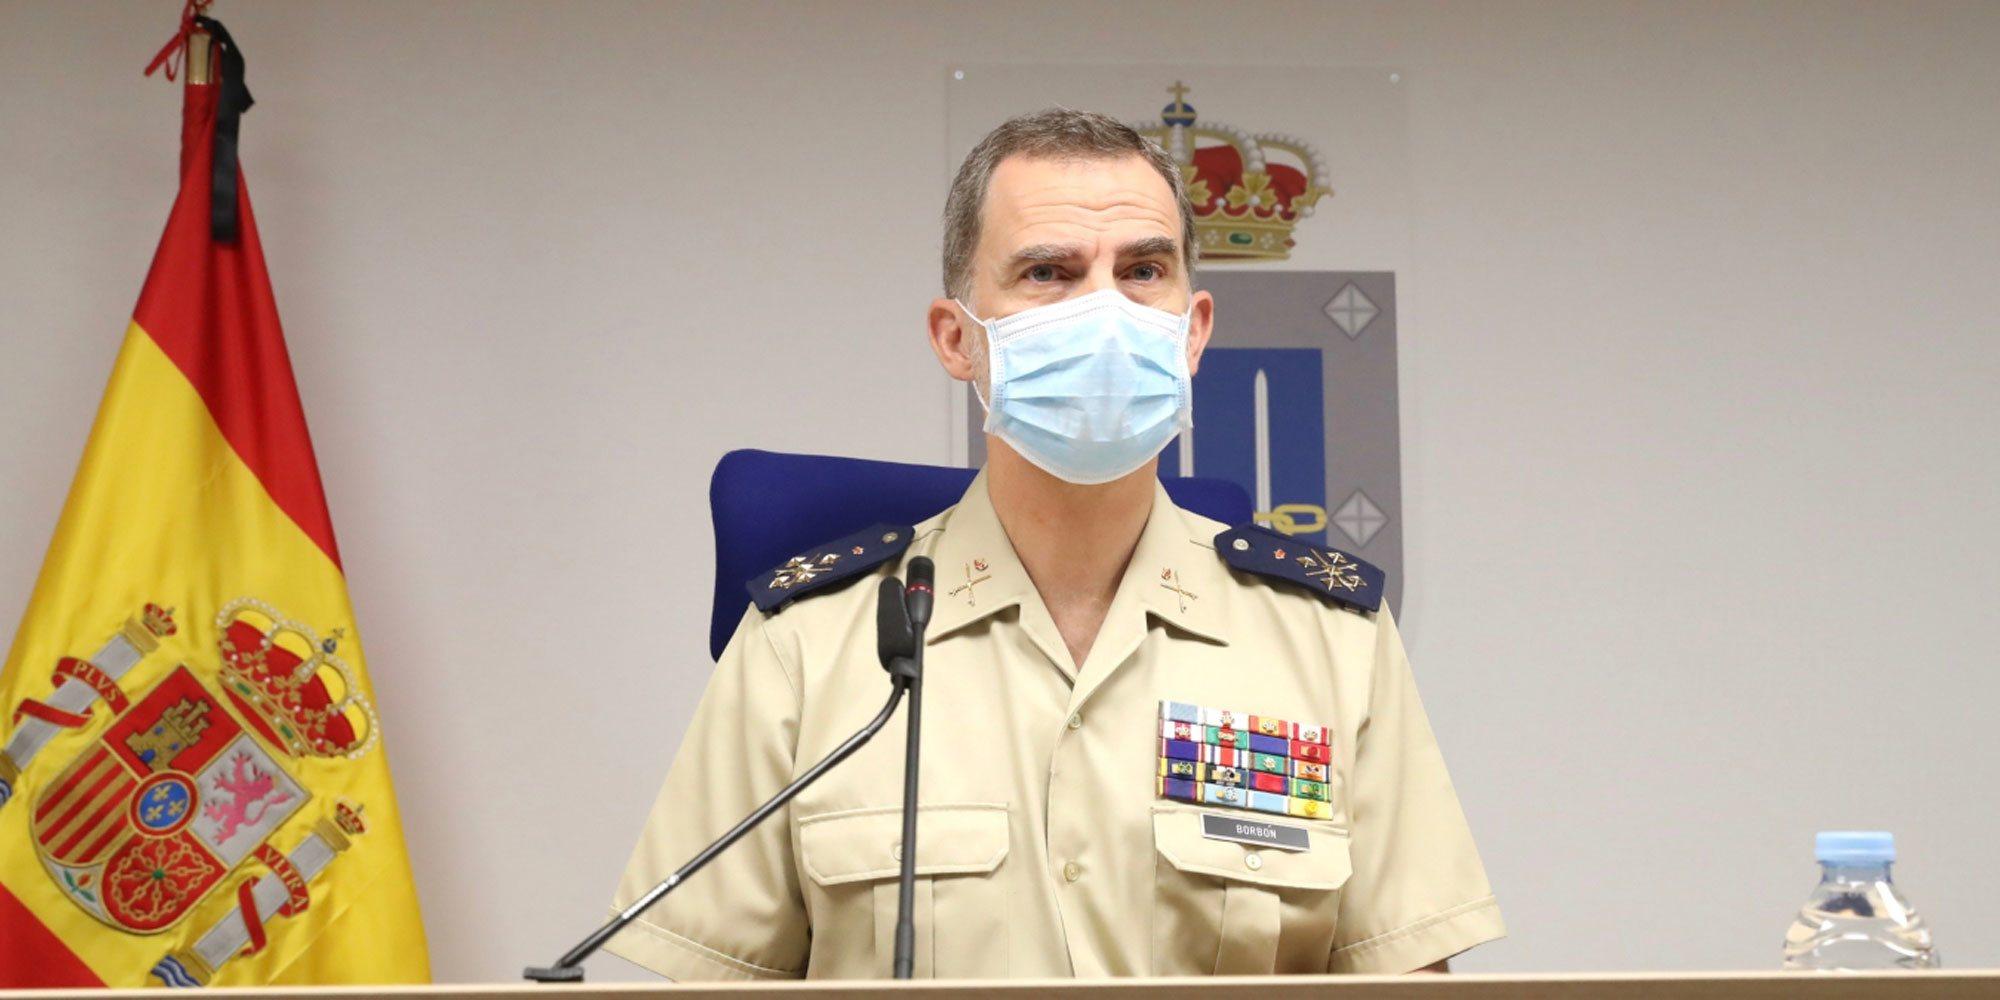 El Rey Felipe celebra un atípico Día de las Fuerzas Armadas